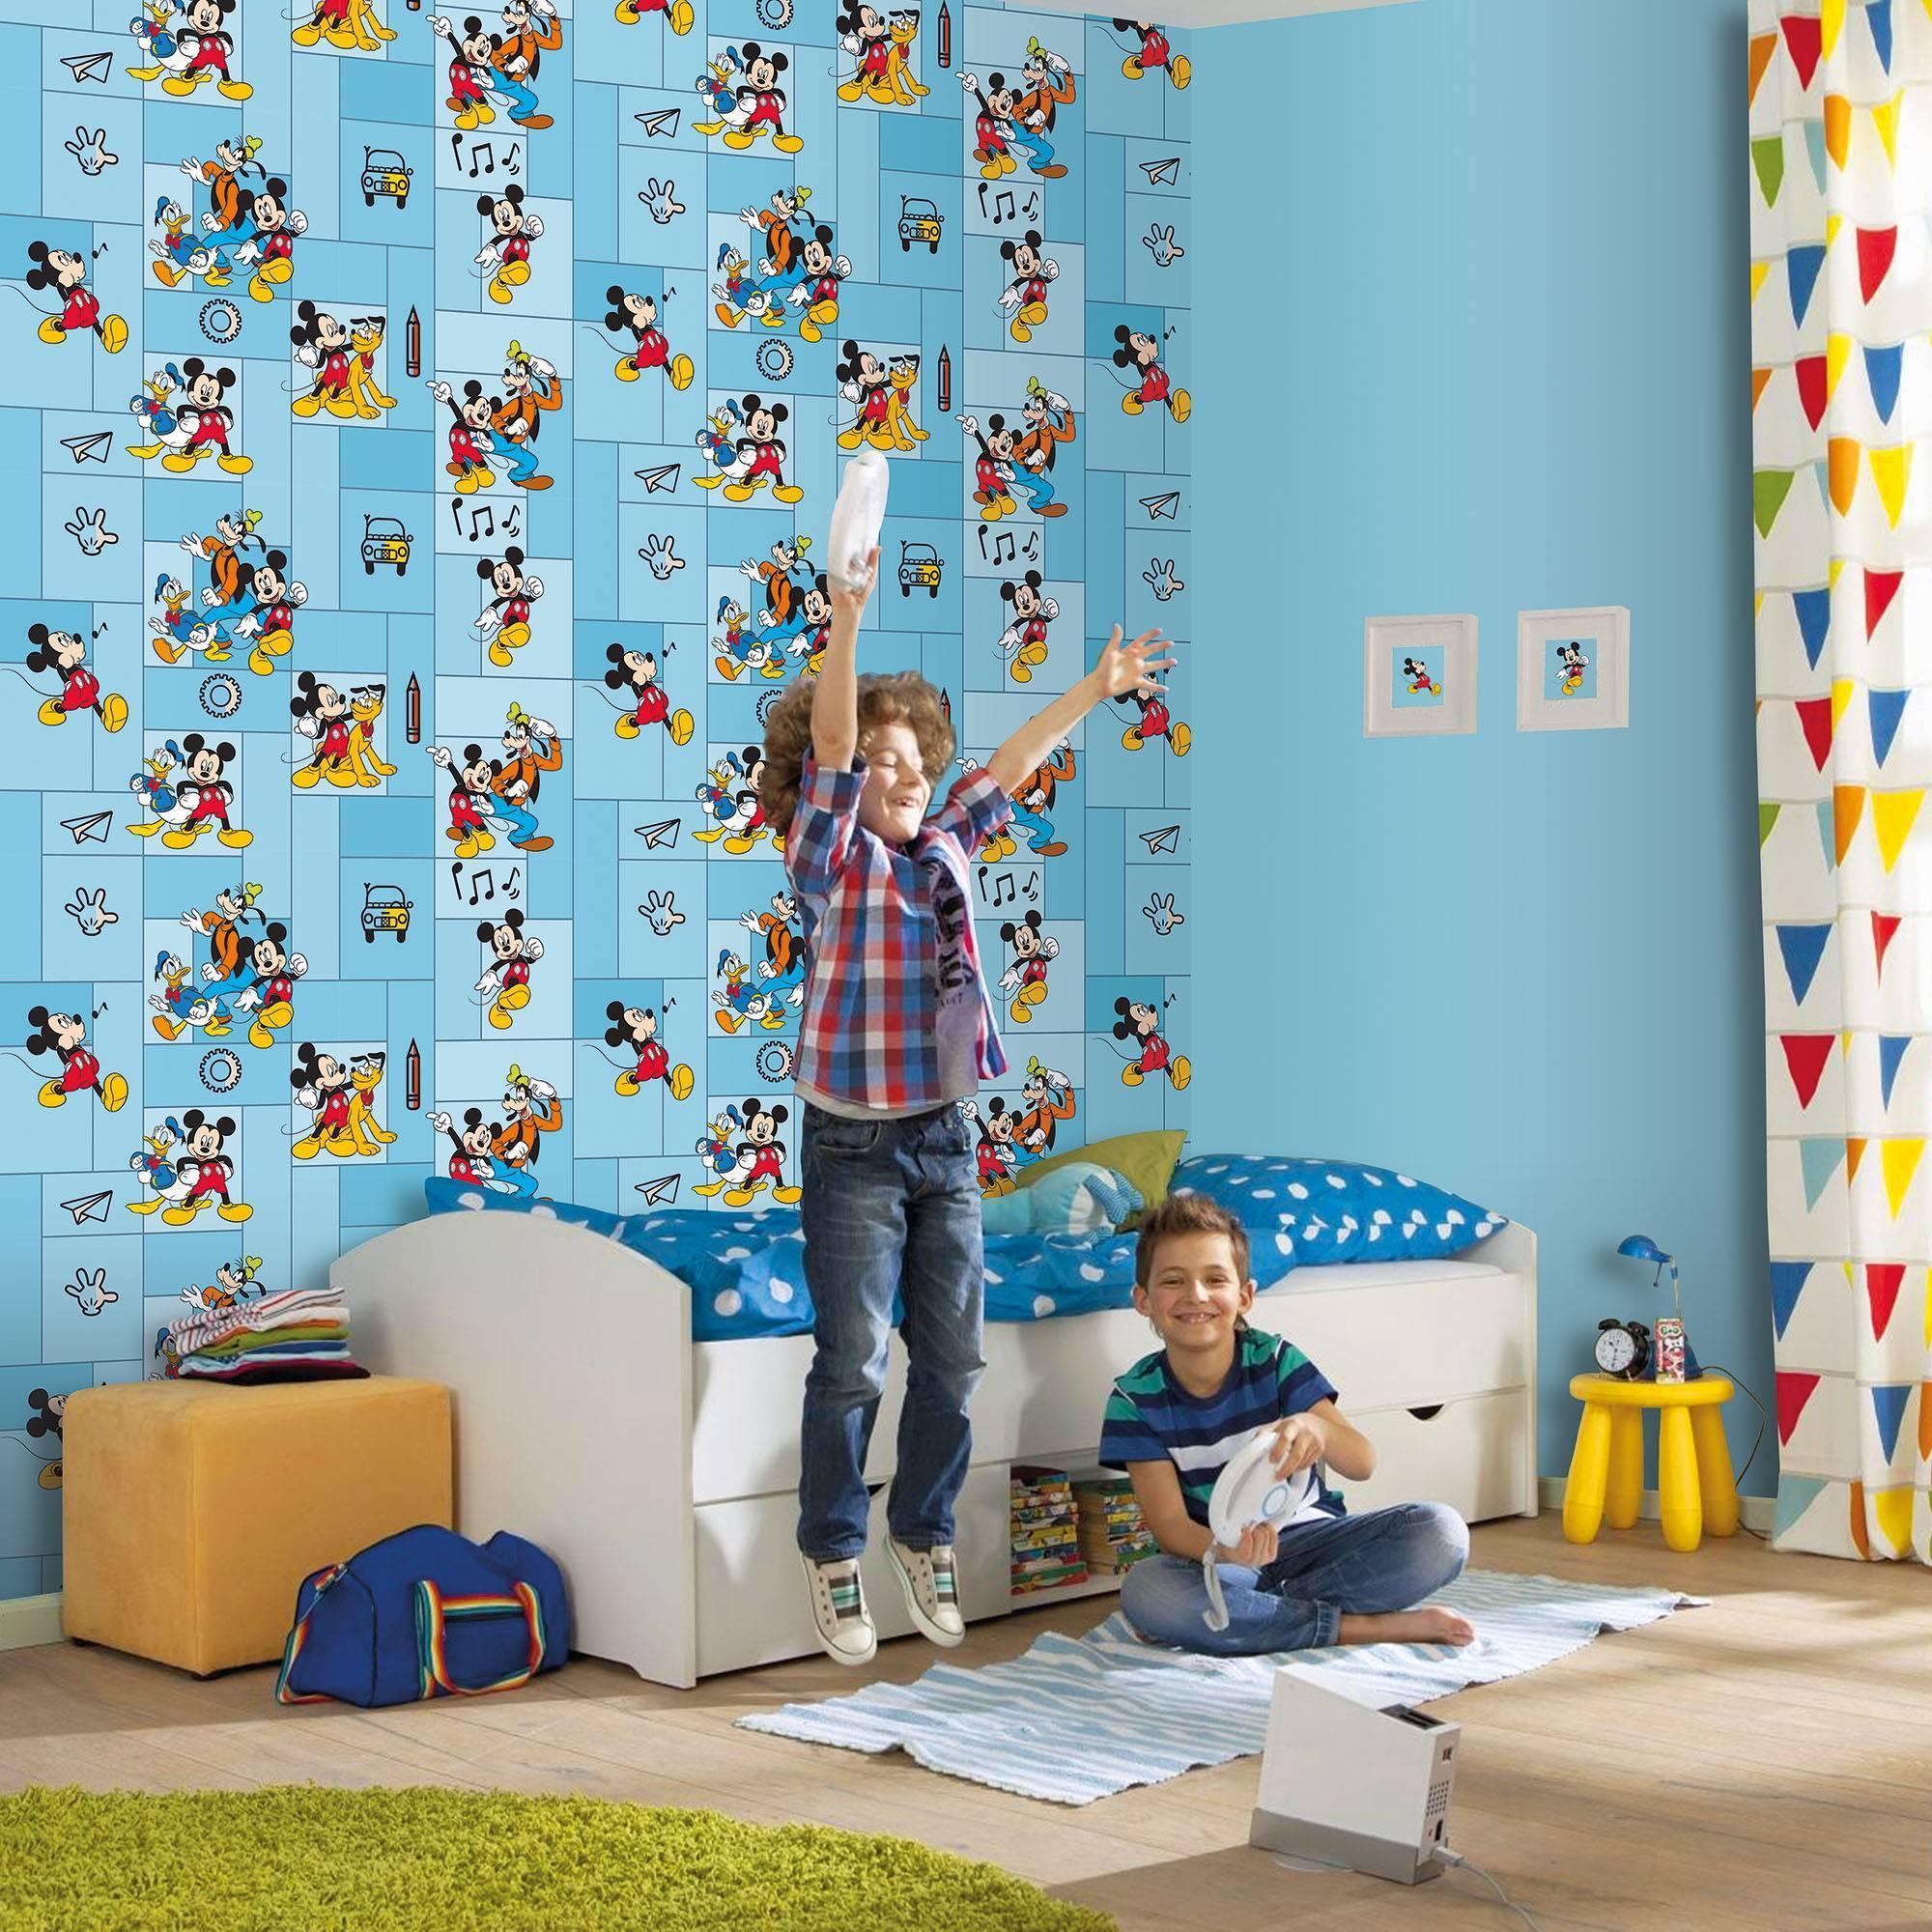 Как правильно подобрать обои в детскую комнату